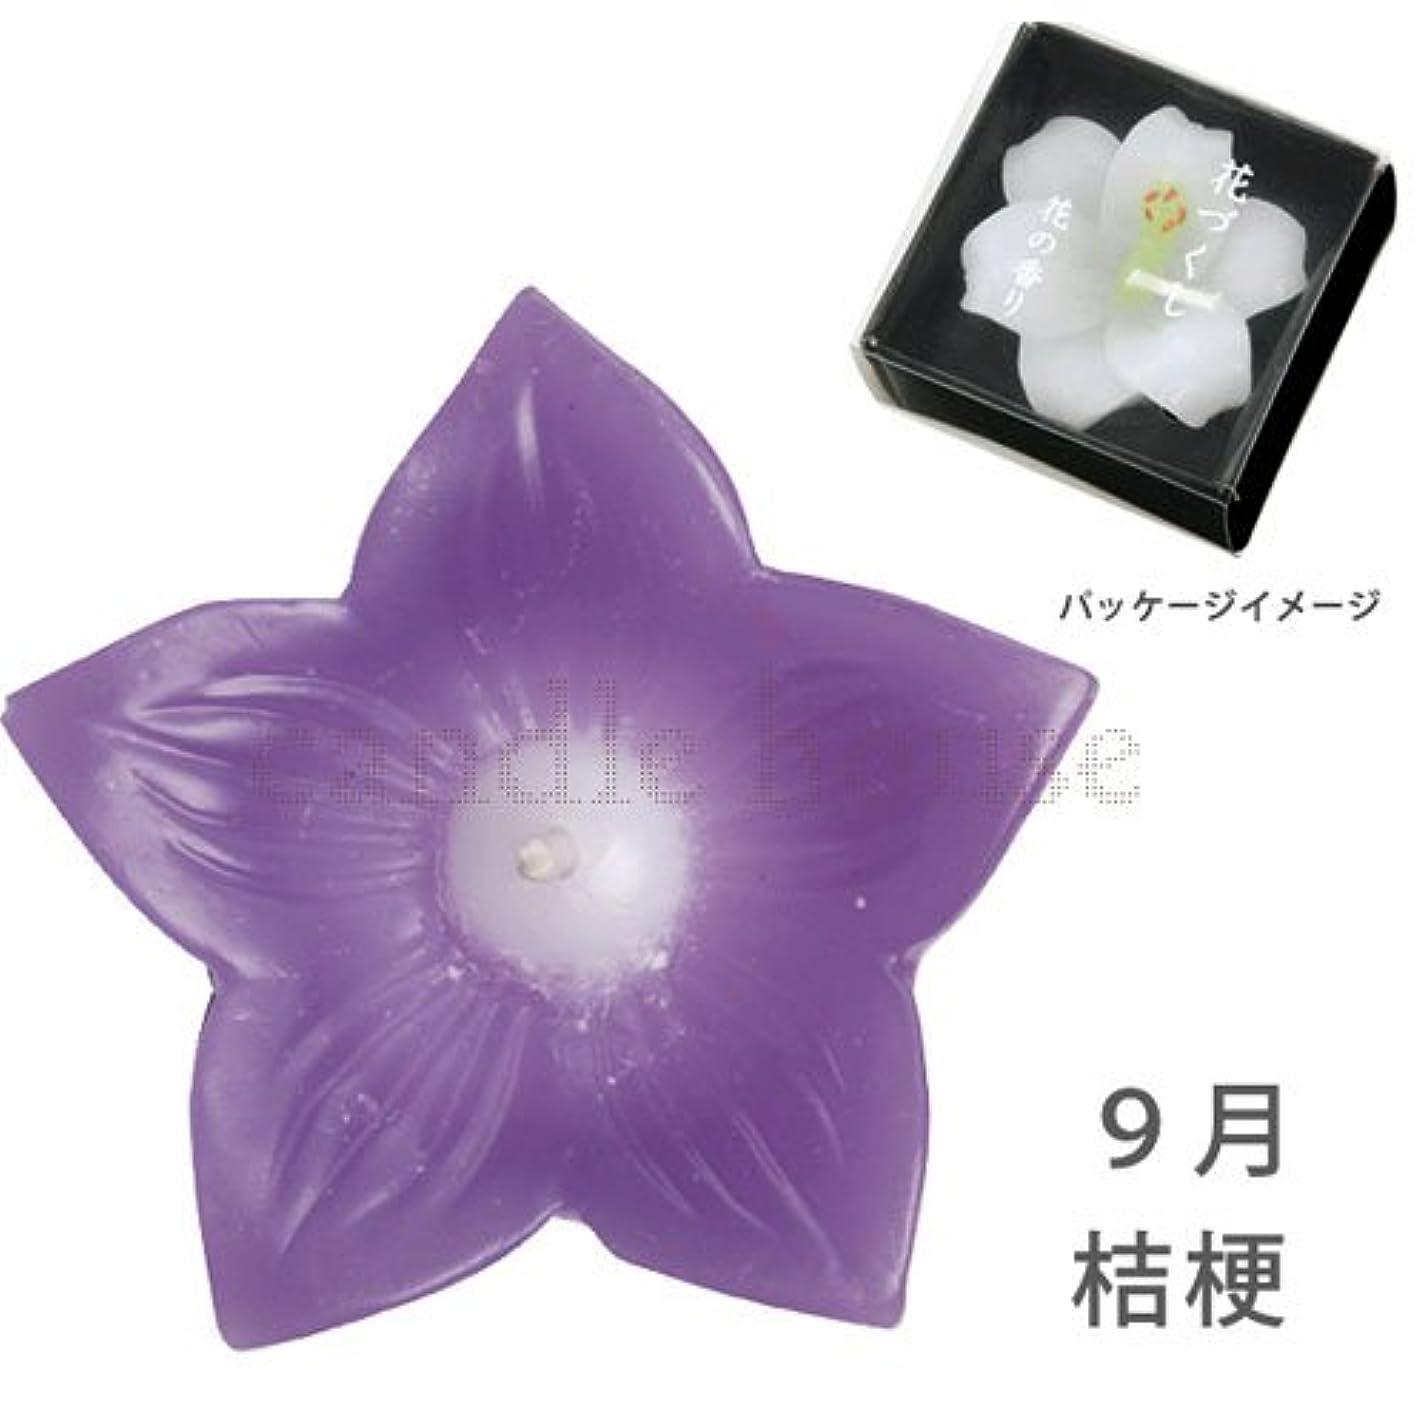 愛講義寝るカメヤマキャンドル 花づくし(桔梗)